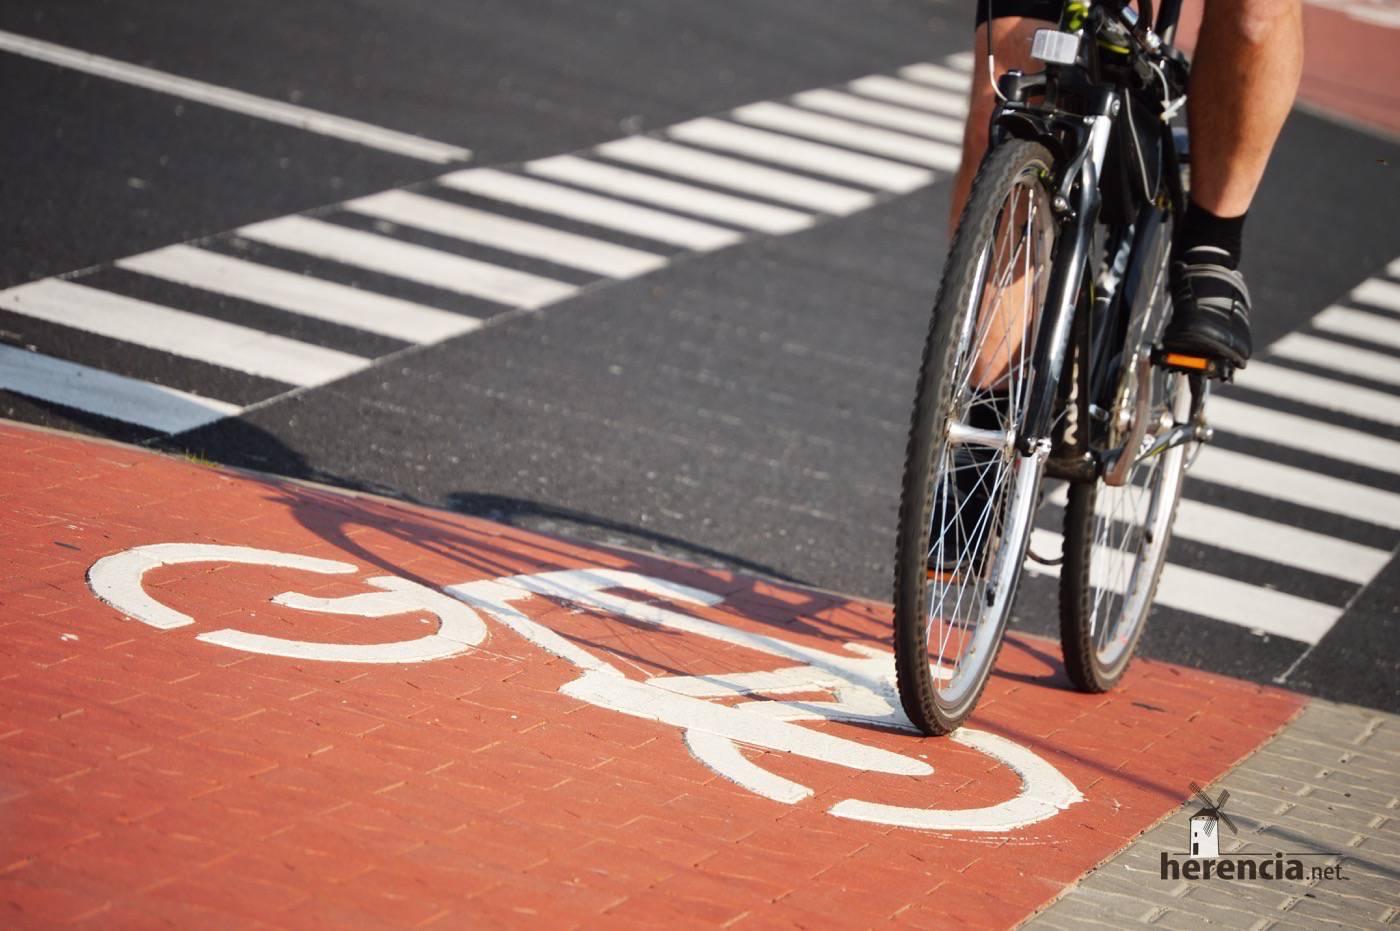 ciclistas en la carretera - Ciclista muerto en antigua N-420 en una colisión con un turismo